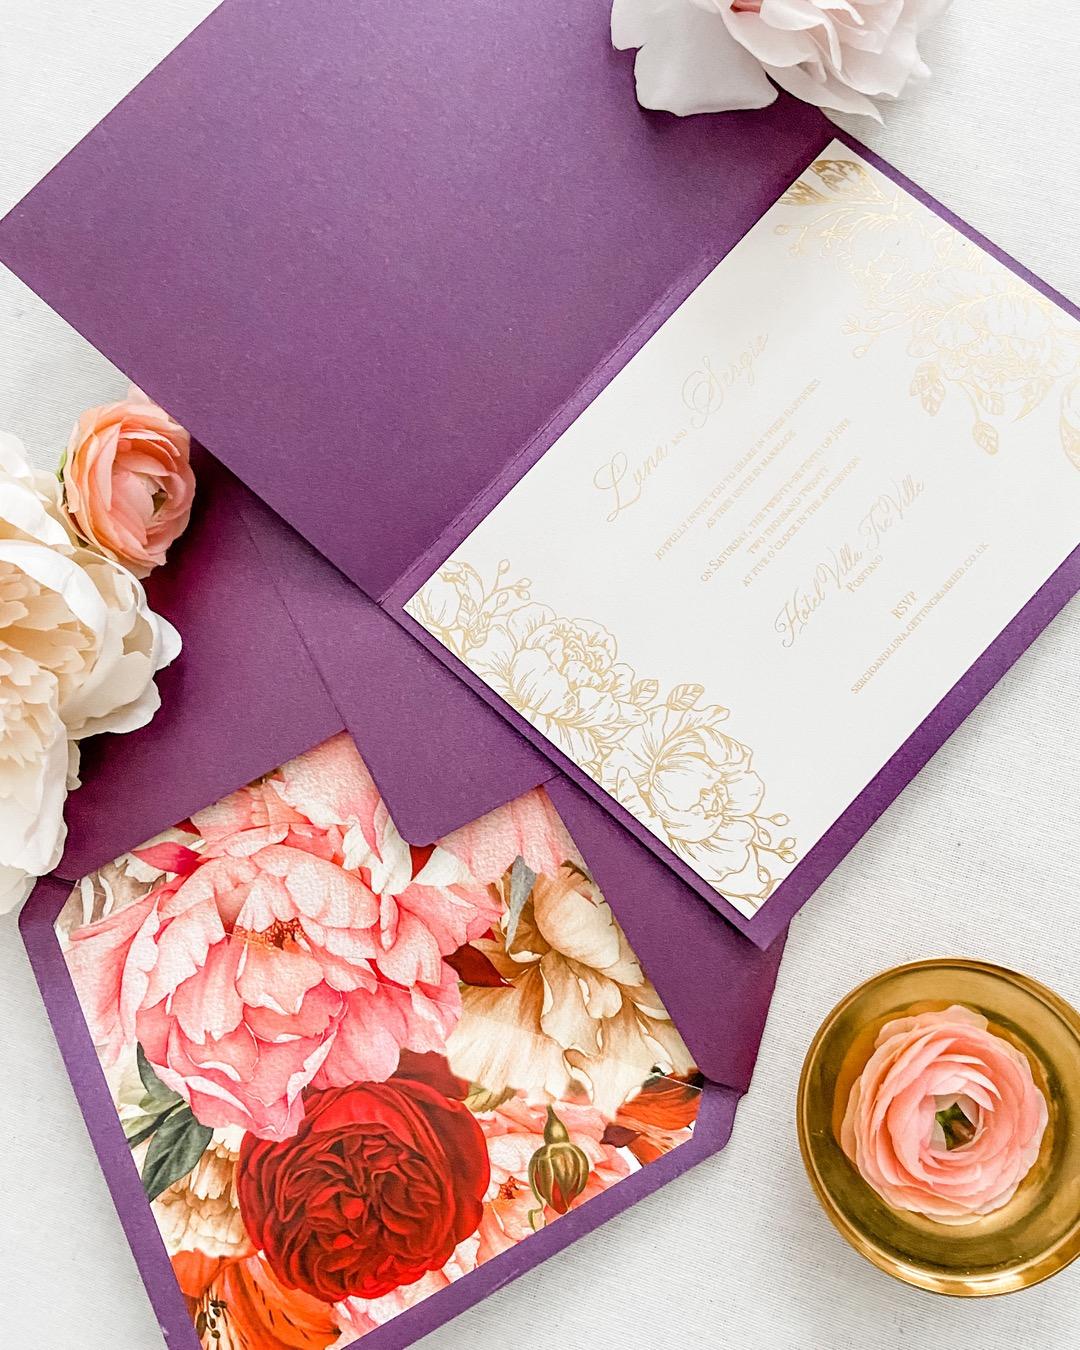 Red velvet wedding invitations